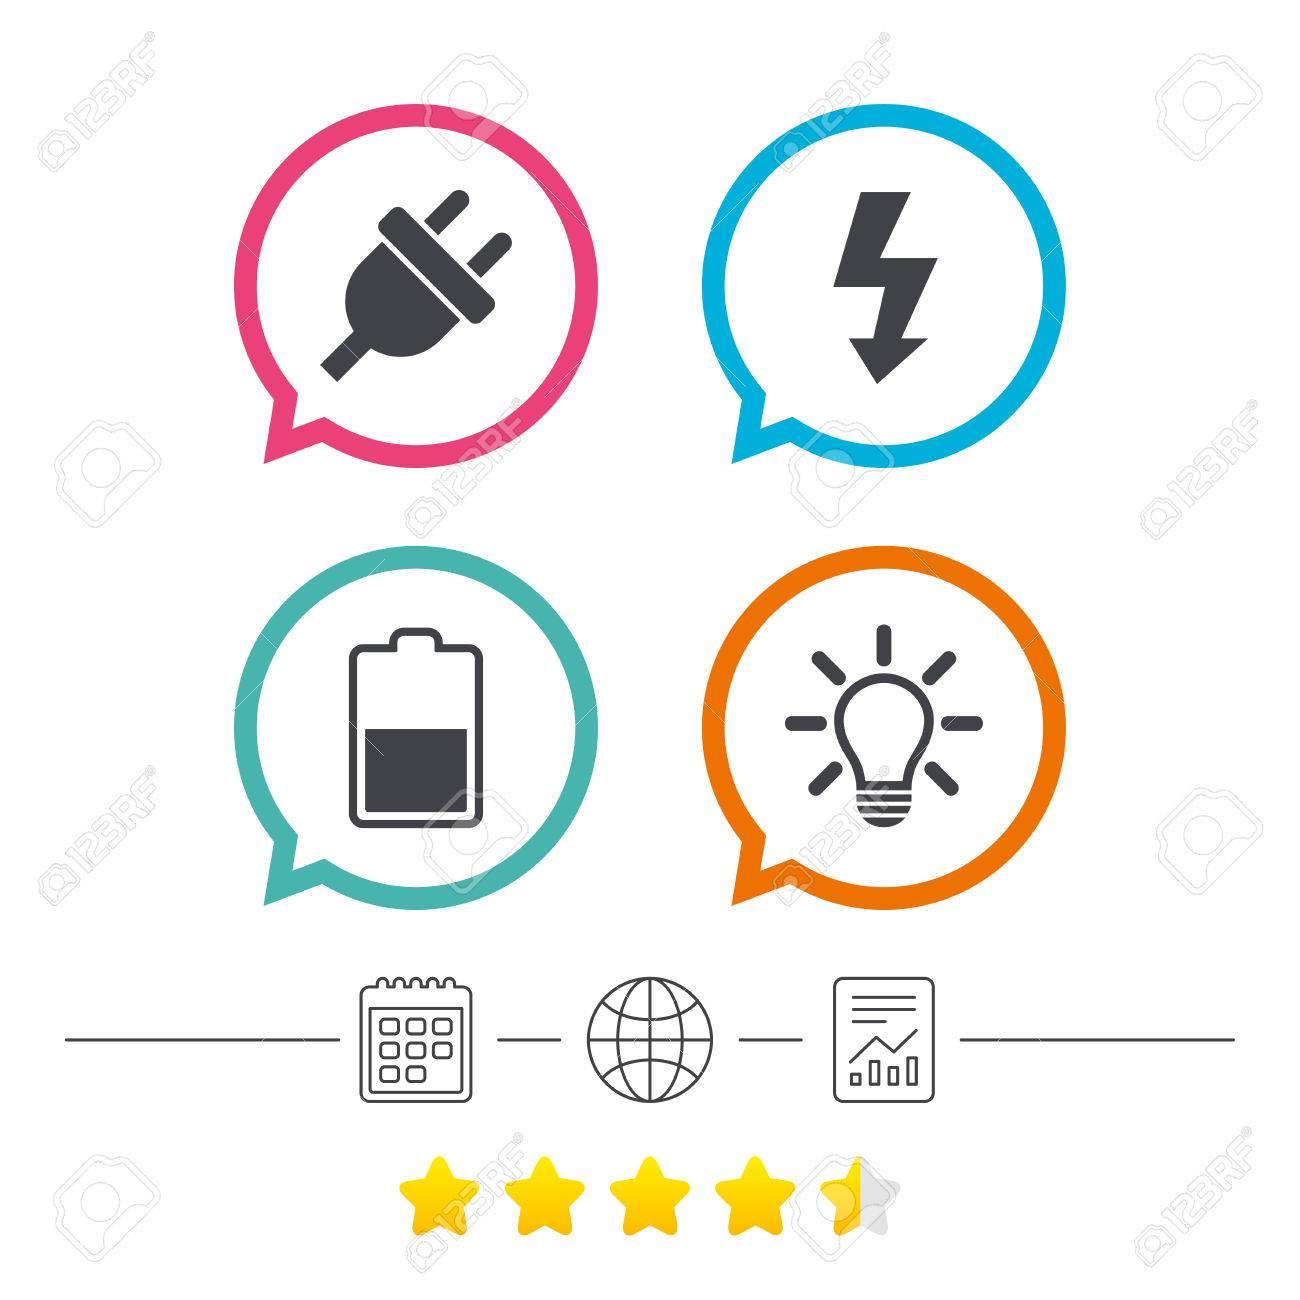 Schön Elektrisches Symbol Für Lampe Ideen - Die Besten Elektrischen ...